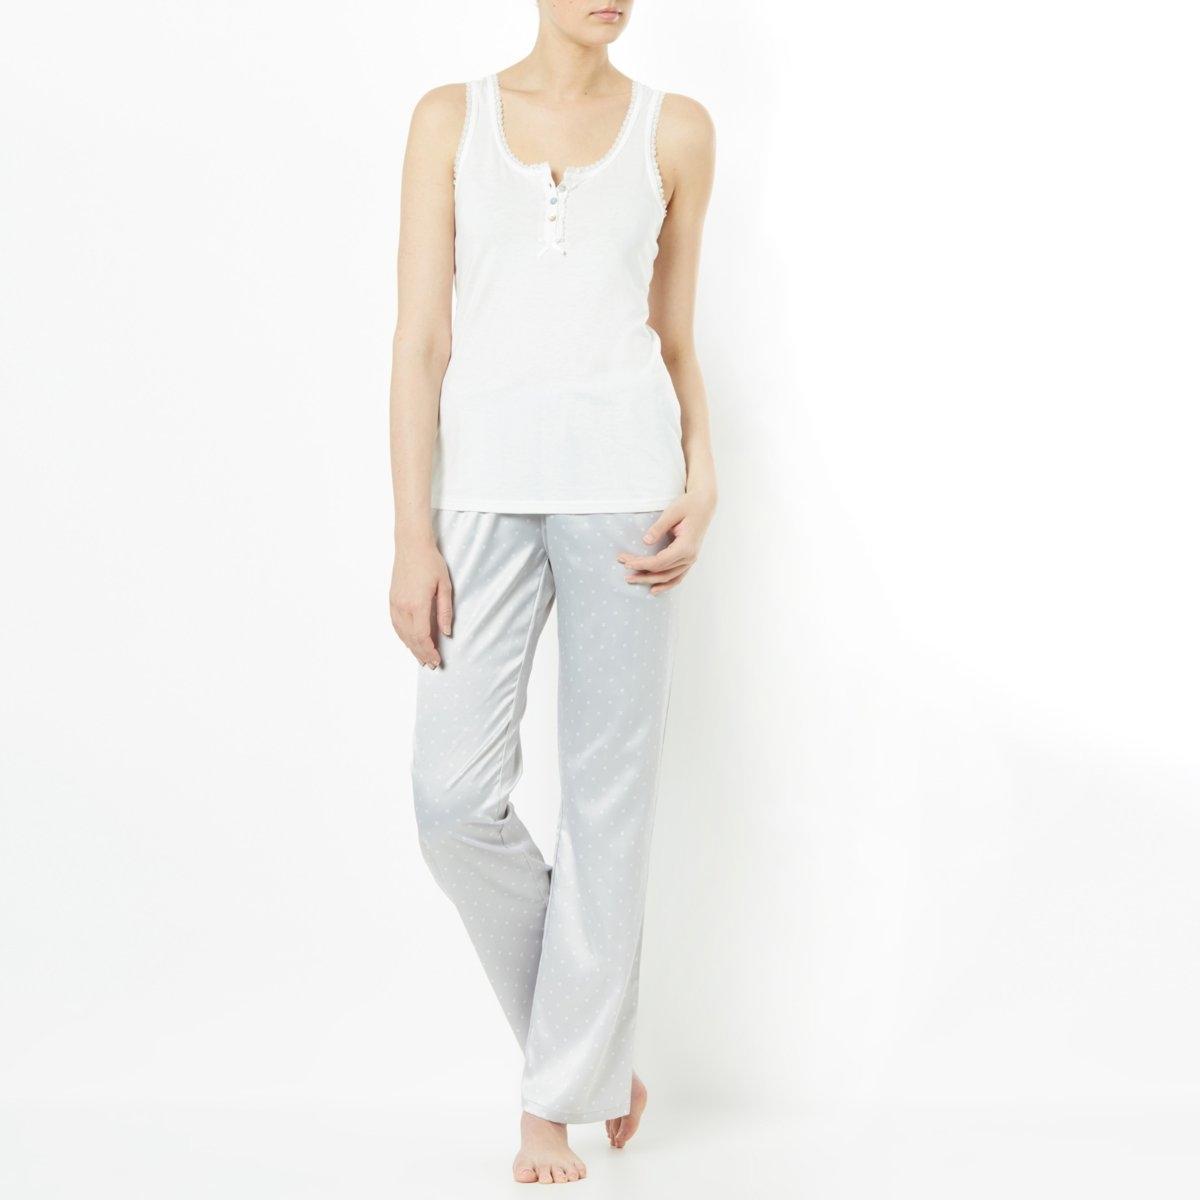 Пижама с атласными брюкамиЭлегантная пижама в игривом стиле с оригинальным сочетанием материалов. Пижама с верхом из джерси: 50% хлопка, 50% модала. Застежка на пуговицы. Длина: 62 см. Брюки из атласа с рисунком: 95% полиэстера, 5% эластана. Пояс с завязками. 2 косых кармана. Длина по внутр.шву 76 см. Машинная стирка при 30°.<br><br>Цвет: белый/серый с рисунком<br>Размер: 50/52 (FR) - 56/58 (RUS)